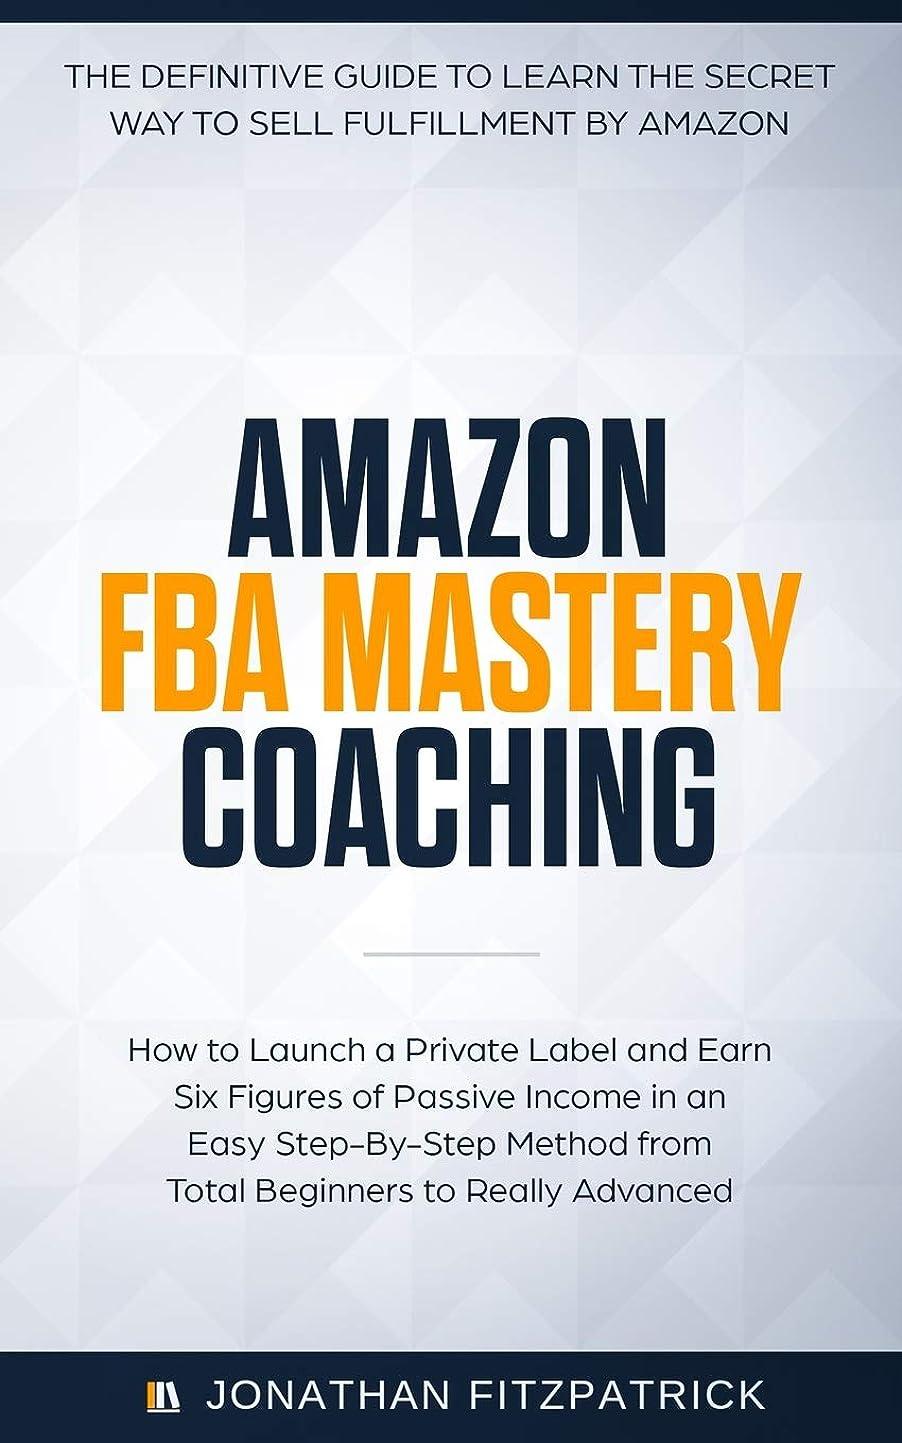 曖昧なハウス道徳のAmazon FBA Mastery Coaching: The Definitive Guide to Sell Fulfillment By Amazon: How To Launch A Private Label and Earn Six Figures of Passive Income in an Easy Step-By-Step Method from Total Beginners to Really Advanced